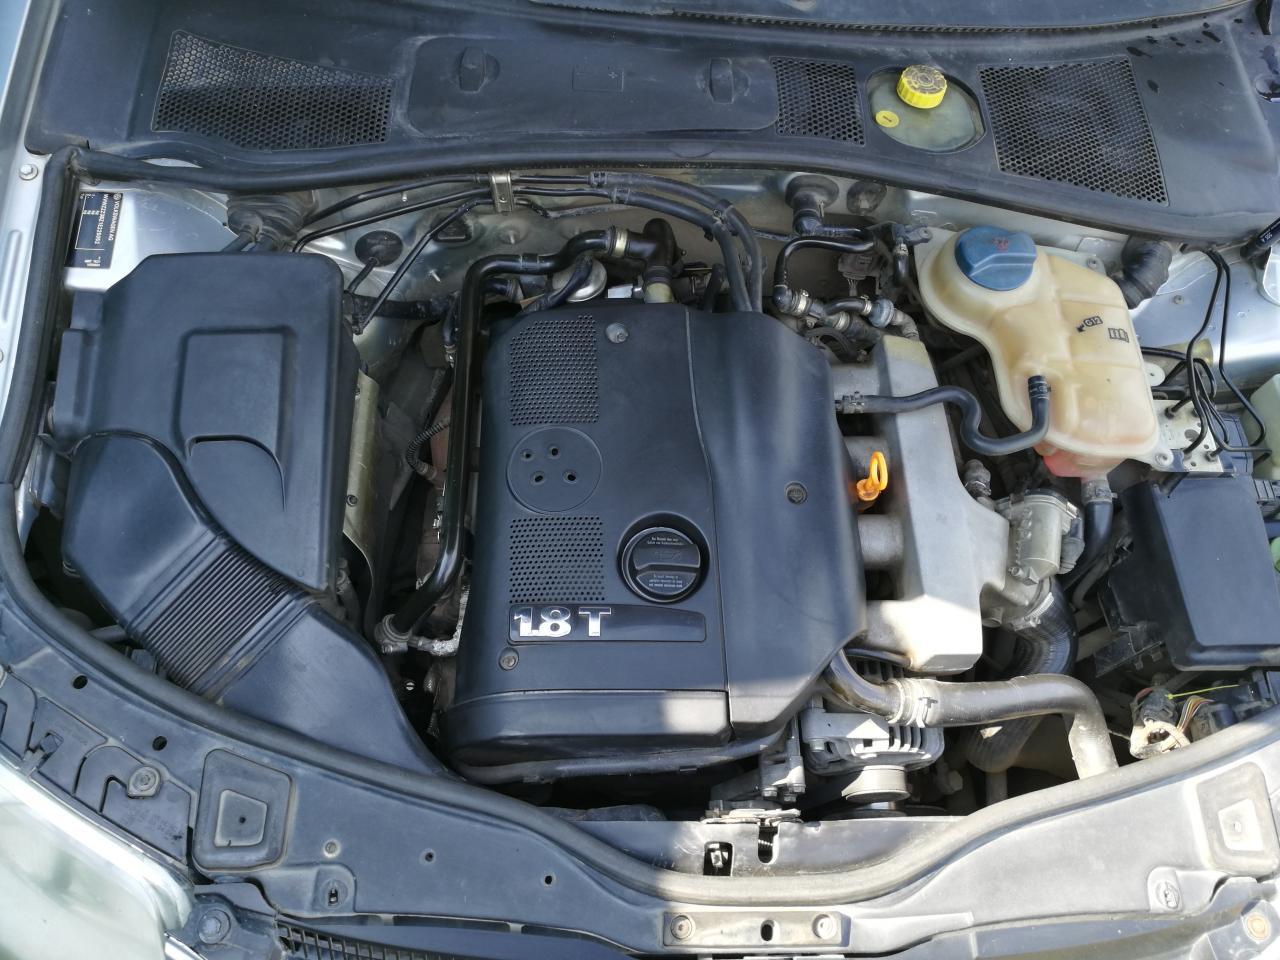 Volkswagen Passat 2001 г.в. г.Саратов - фото 2